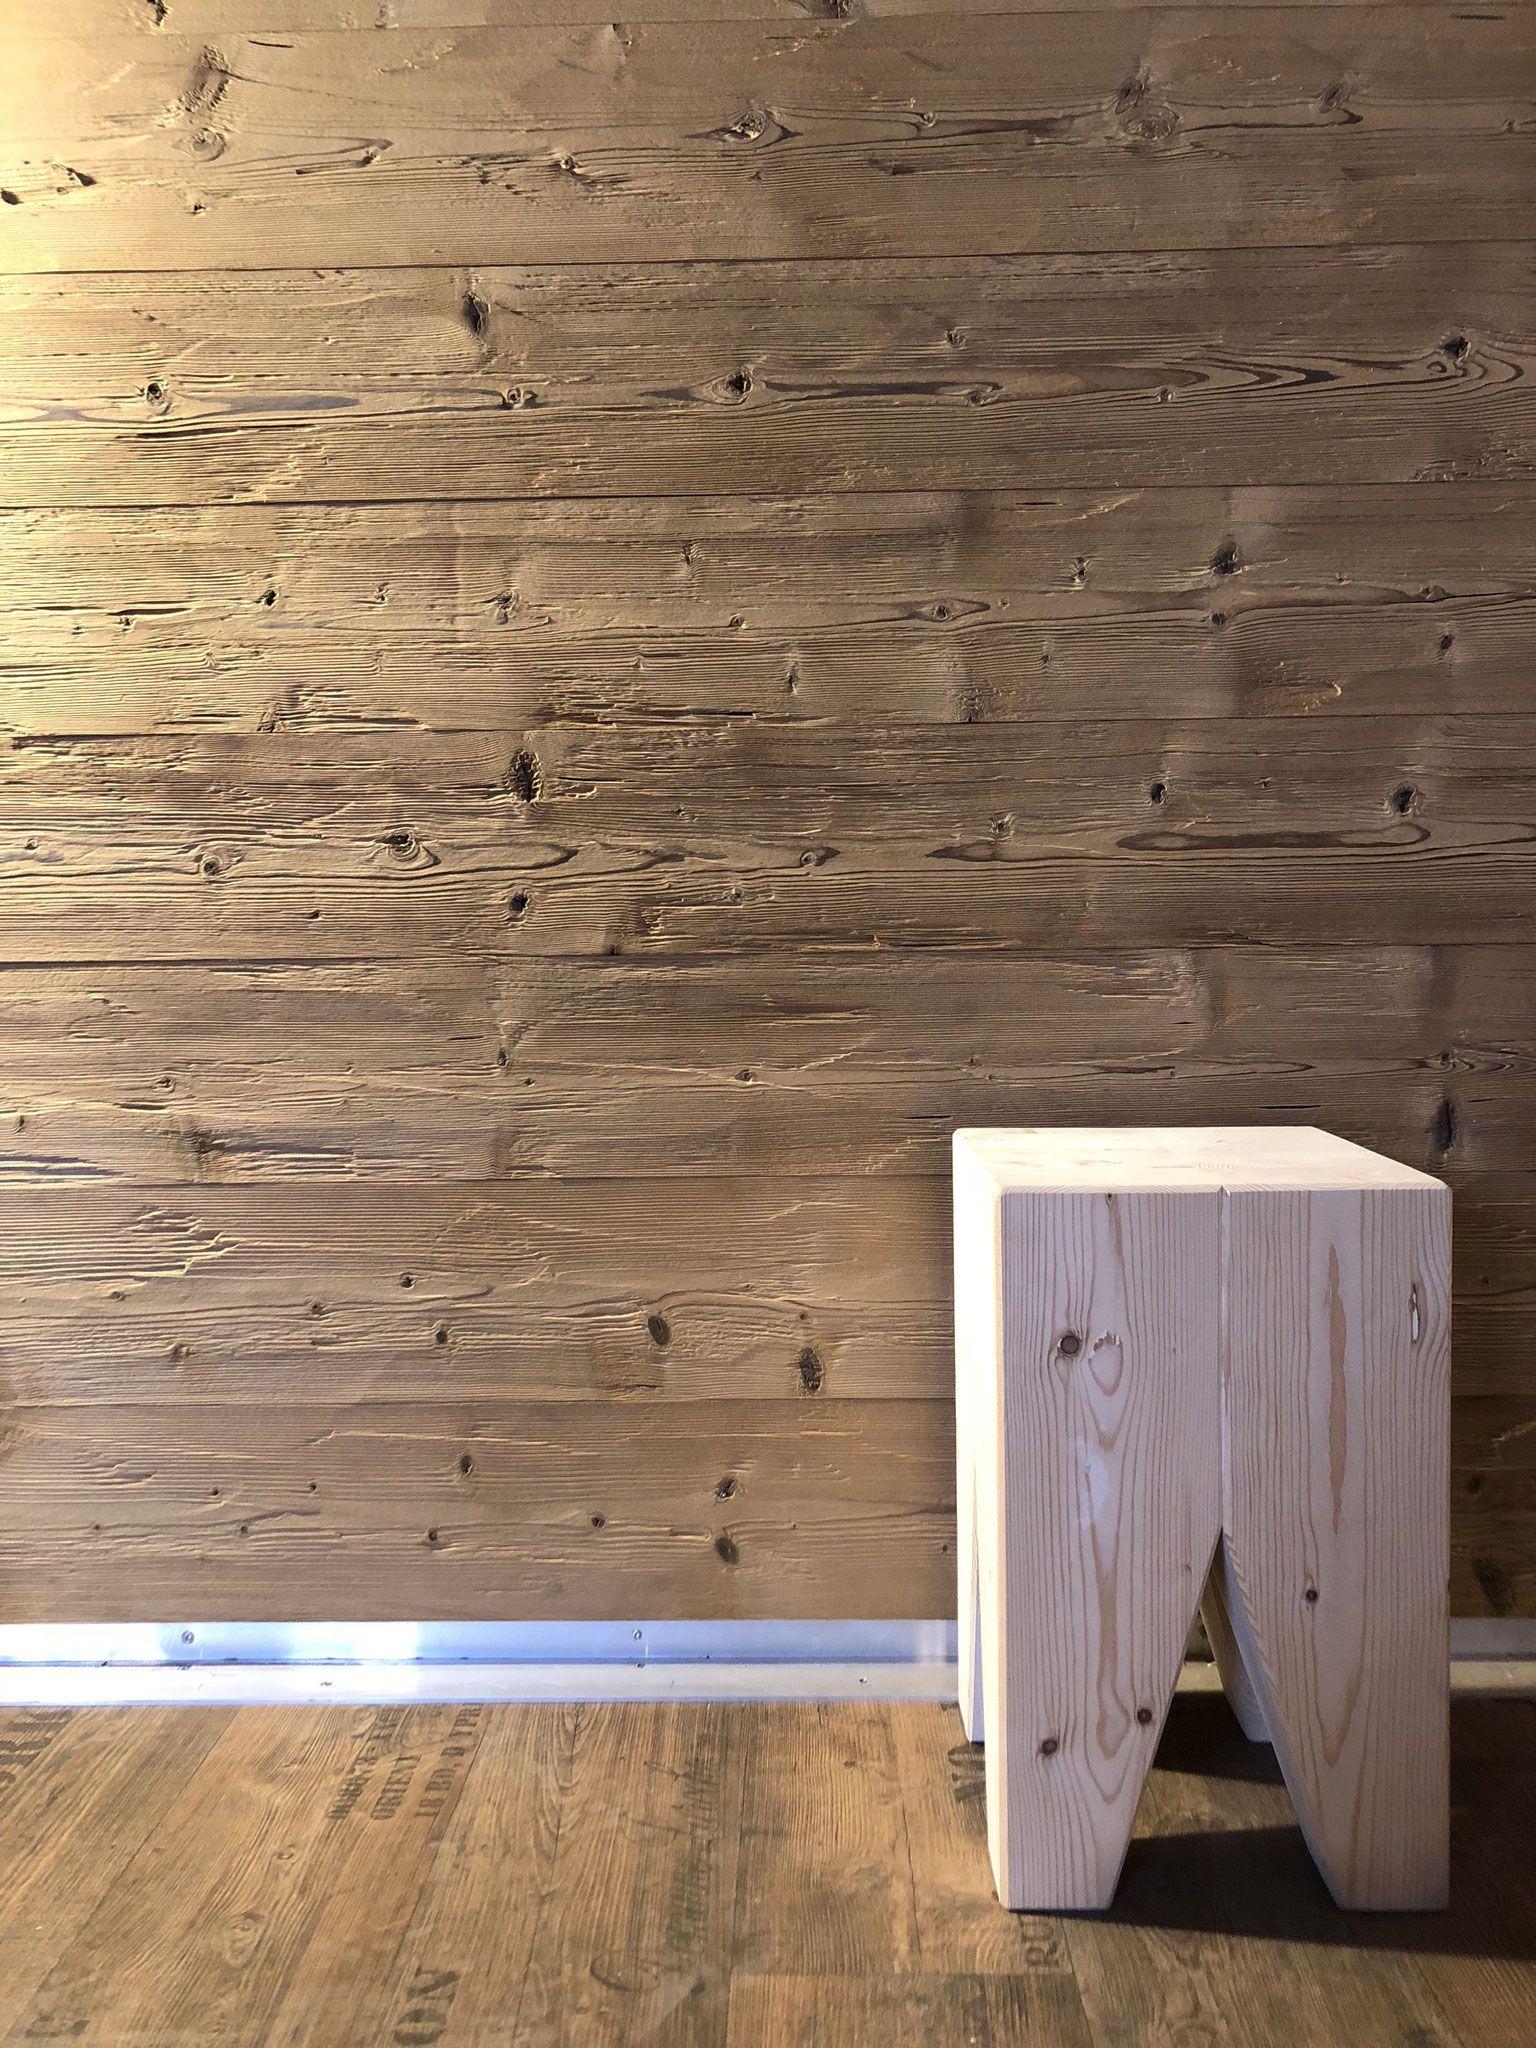 Vintage Holz Galerie Vintage Holz In 2020 Altholz Wandverkleidung Vintage Holz Wandverkleidung Holz